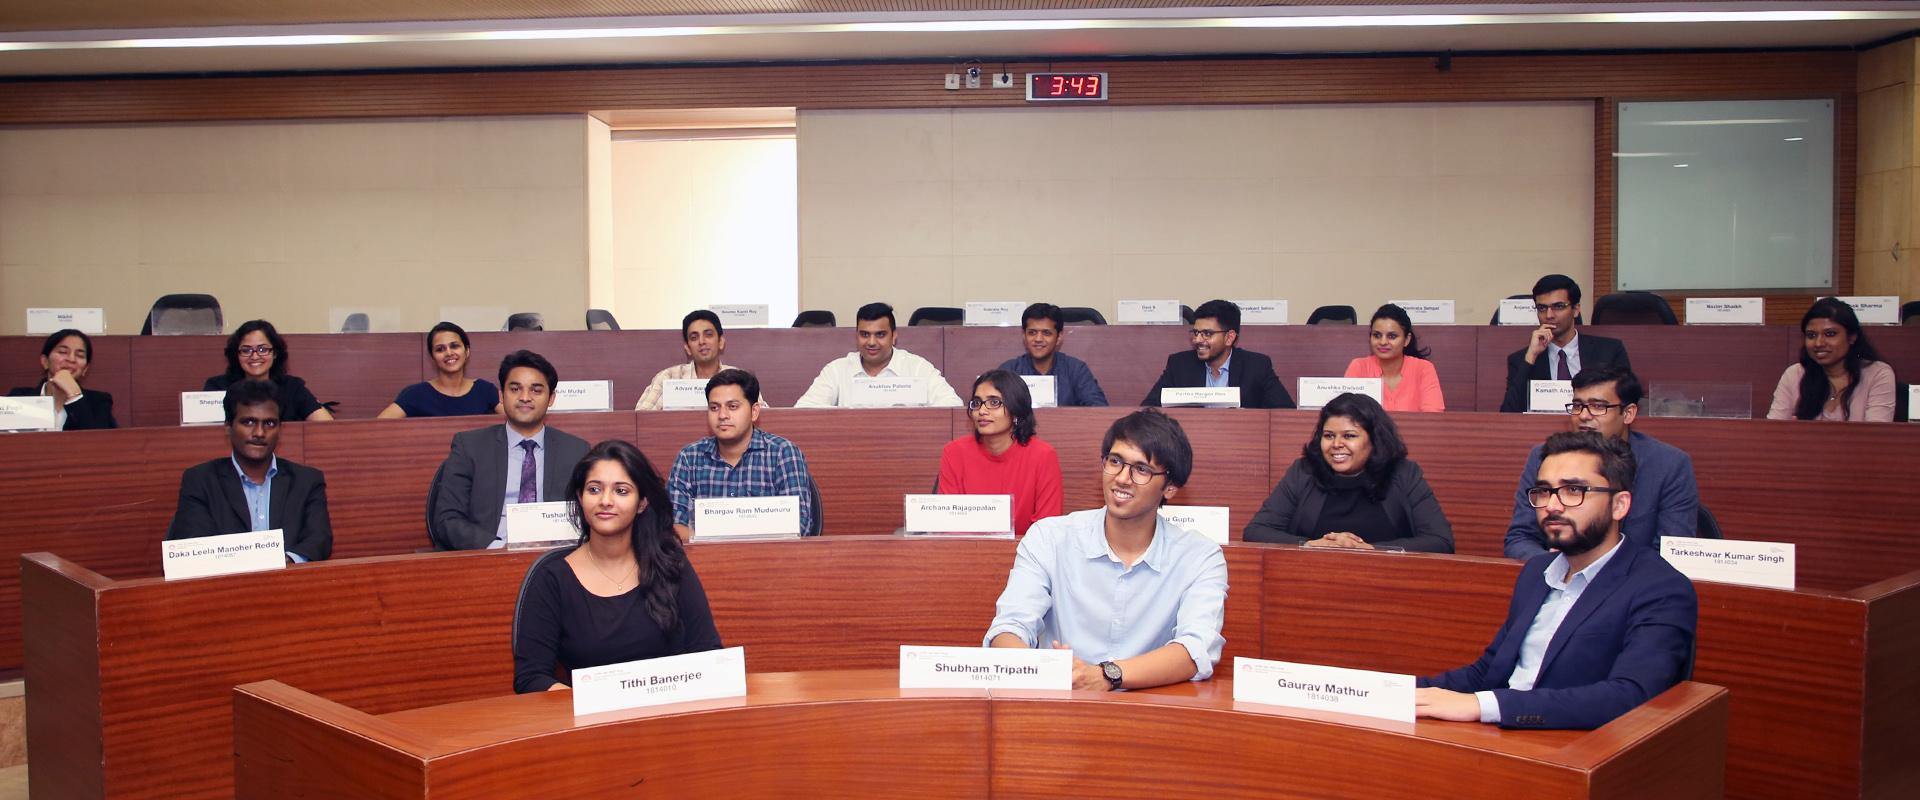 iim bangalore alumni meet speech